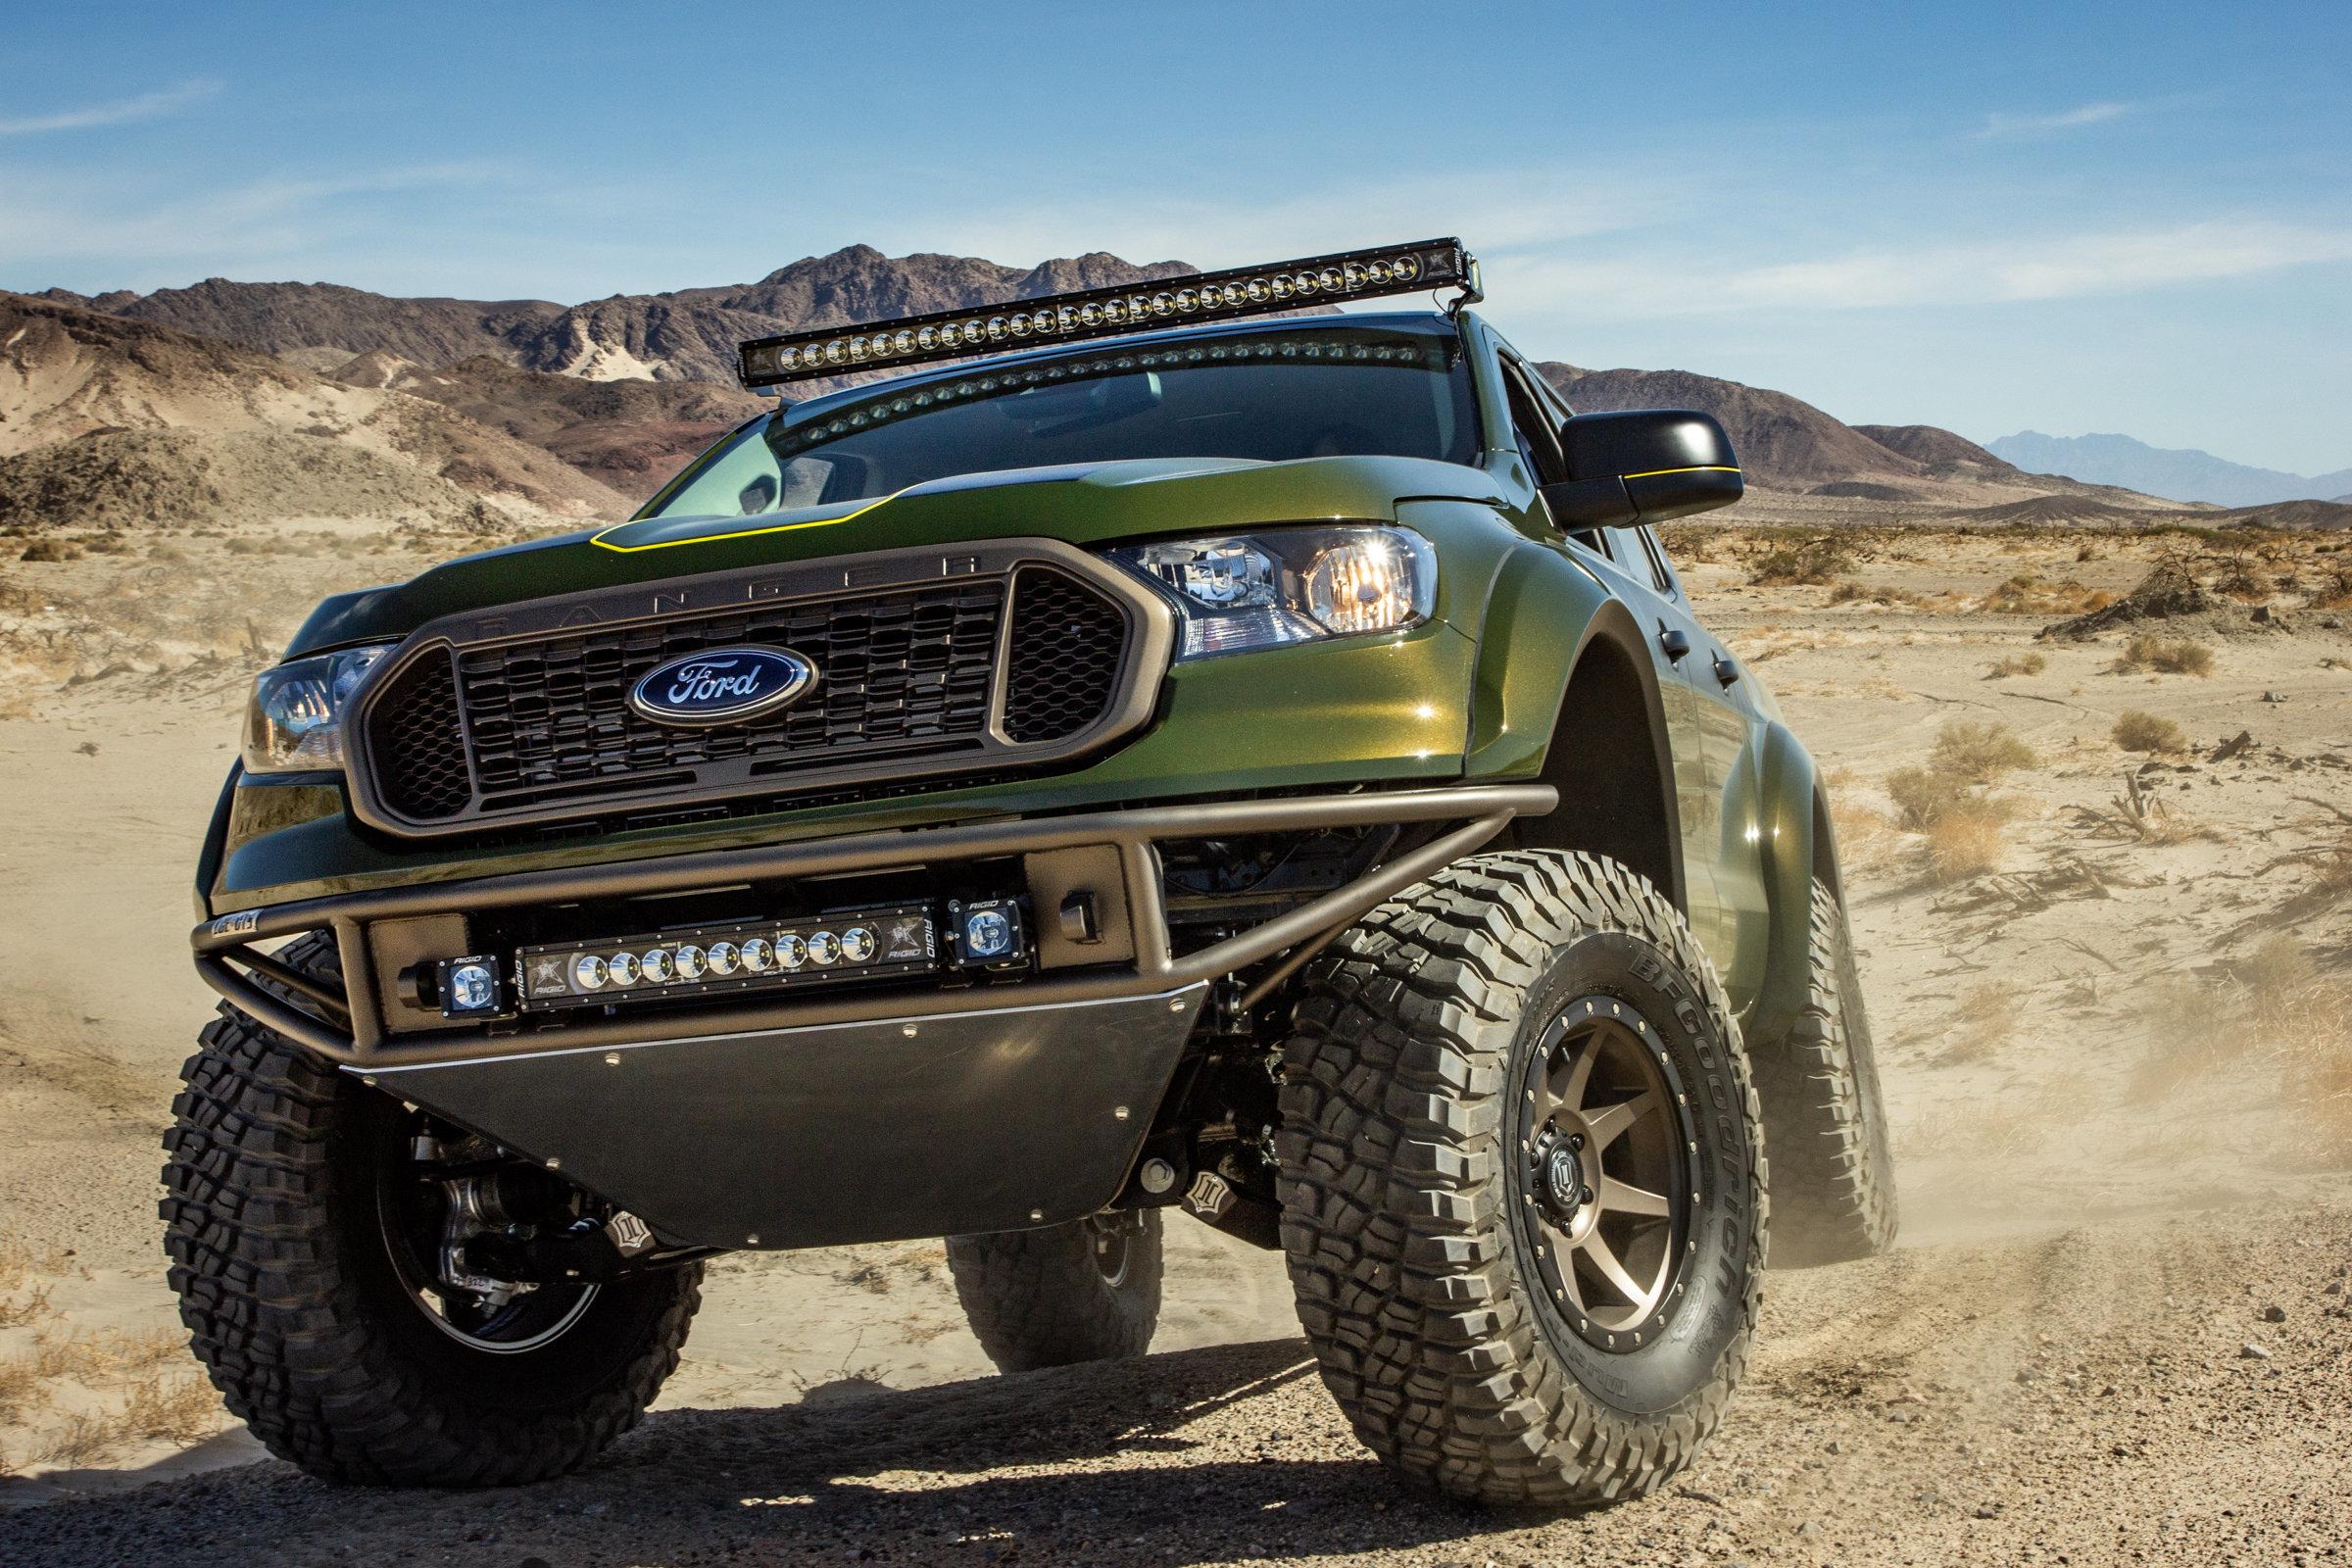 Baja Forged Rear Bumper